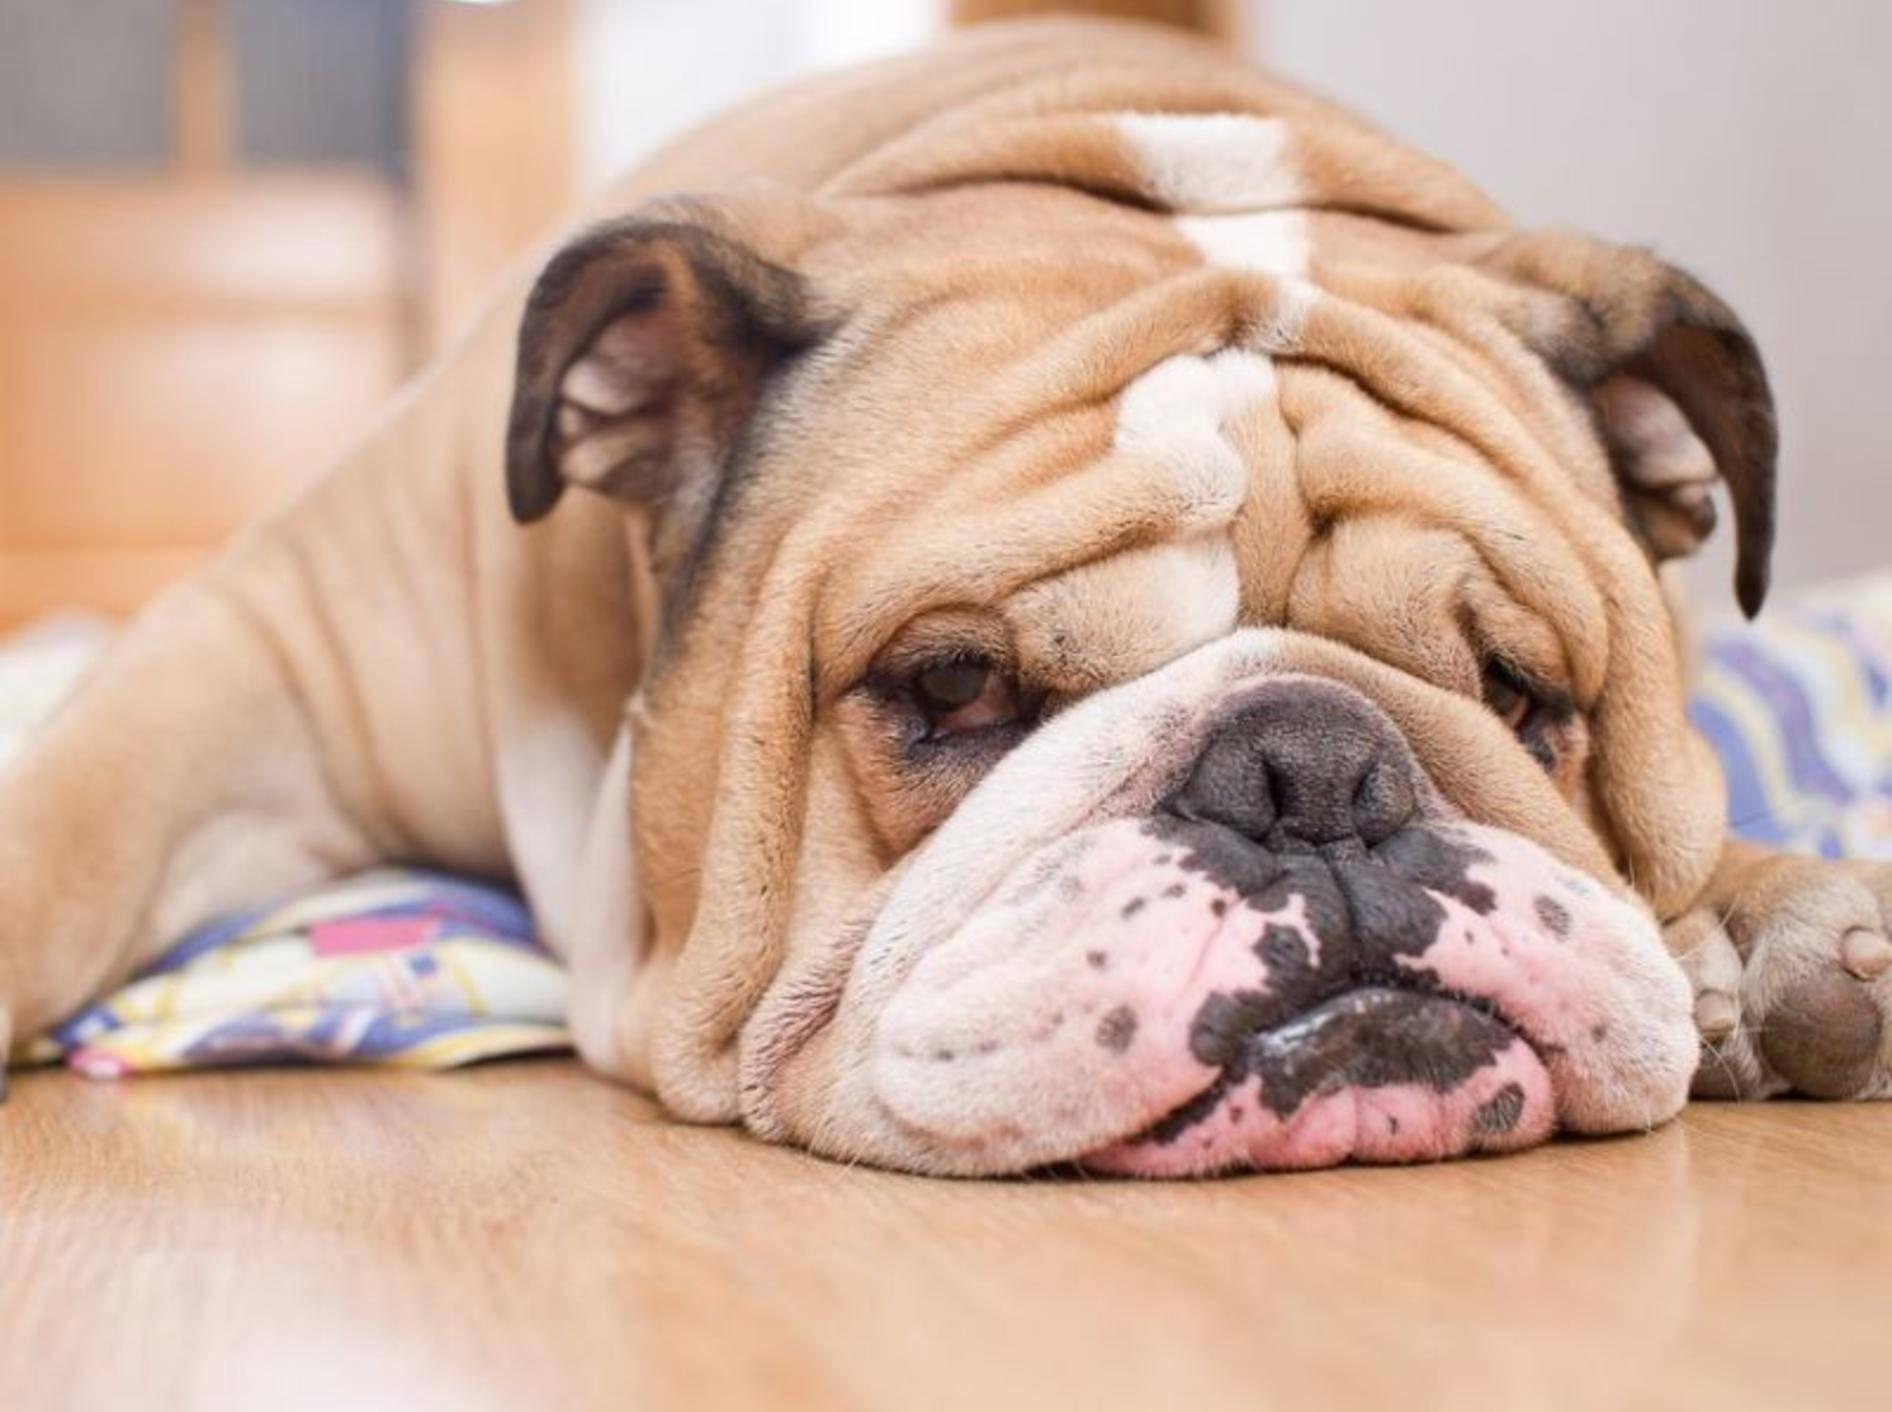 Englische Bulldoggen neigen zu Übergewicht und leiden stark unter den Folgen – Bild: Shutterstock / Katsai Tatiana